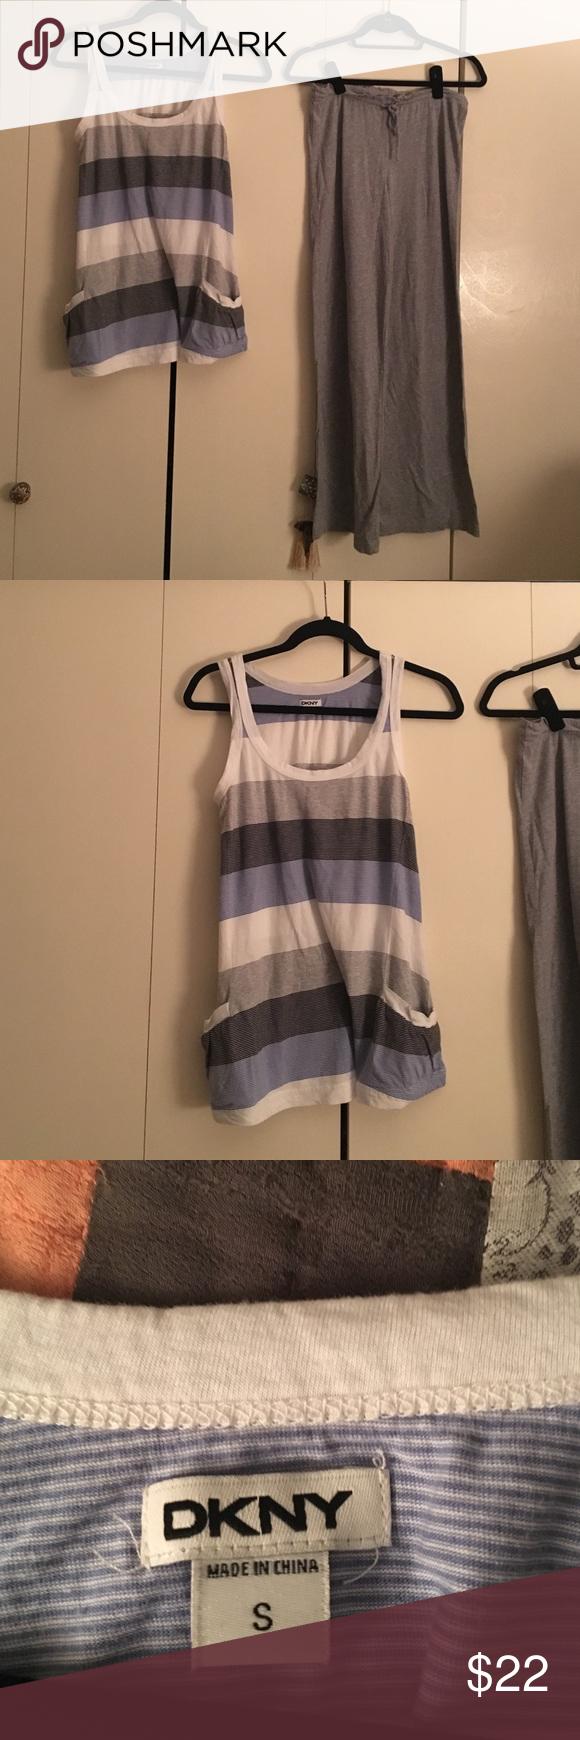 Pajamas DKNY cotton sleeveless pajamas worn once size small DKNY Intimates & Sleepwear Pajamas